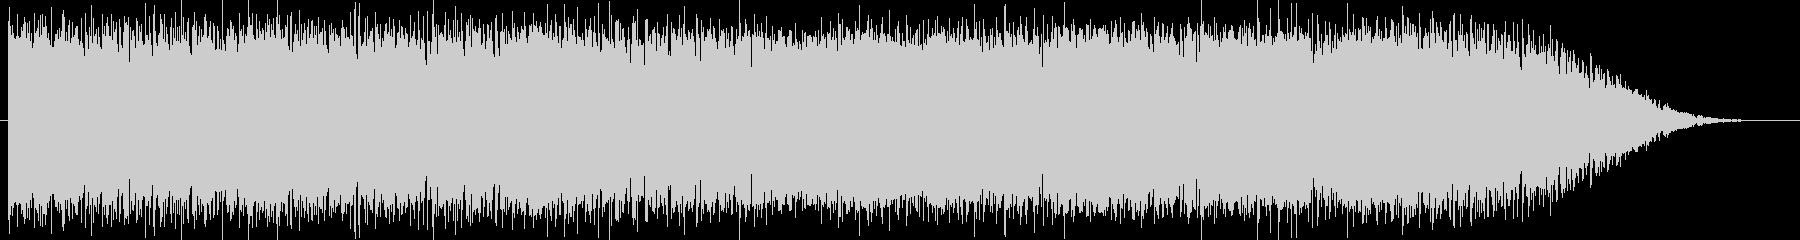 怪しげなシンセがメインのドラムンベースの未再生の波形